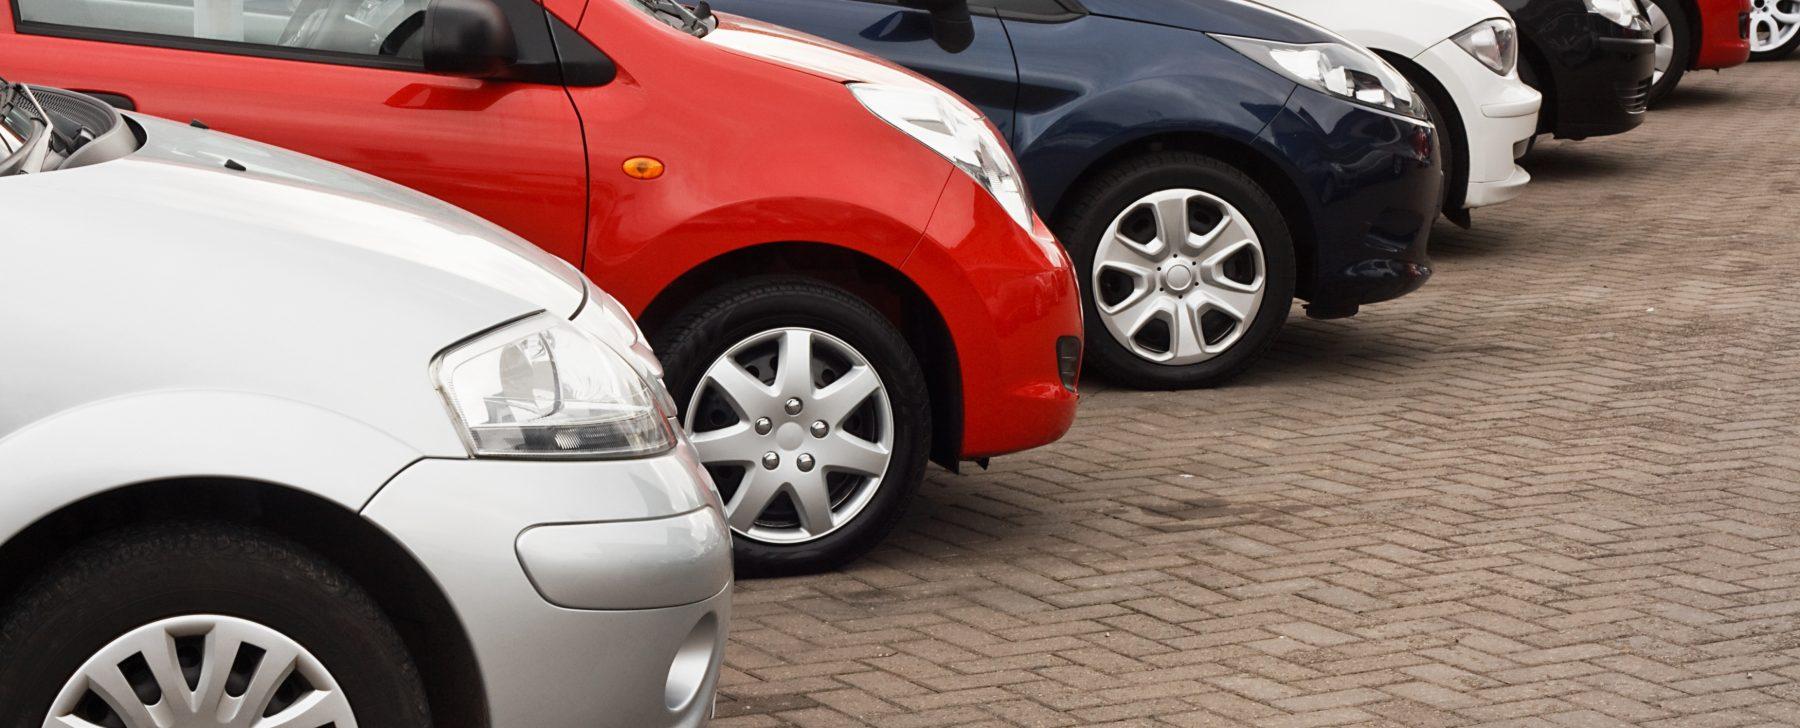 Comprar coches usados